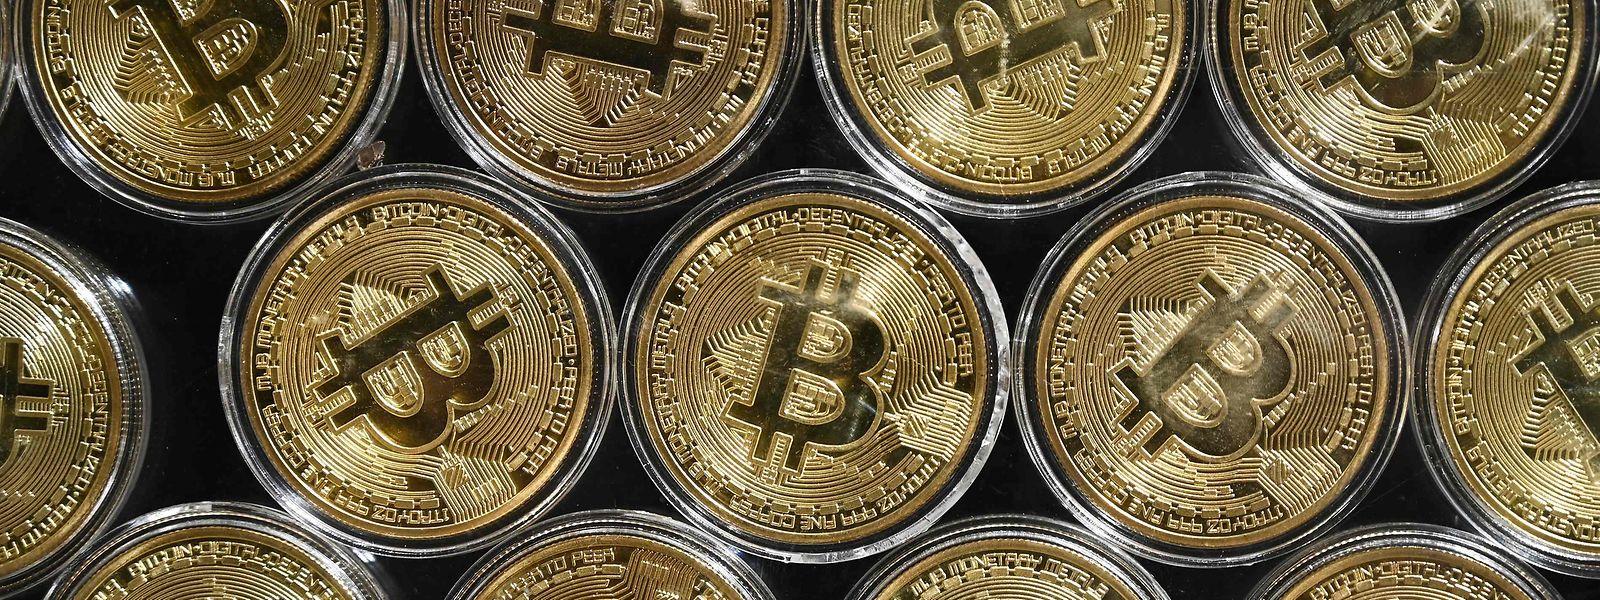 Die Digitalwährung Bitcoin ist bald in El Salvador ein gesetzliches Zahlungsmittel.